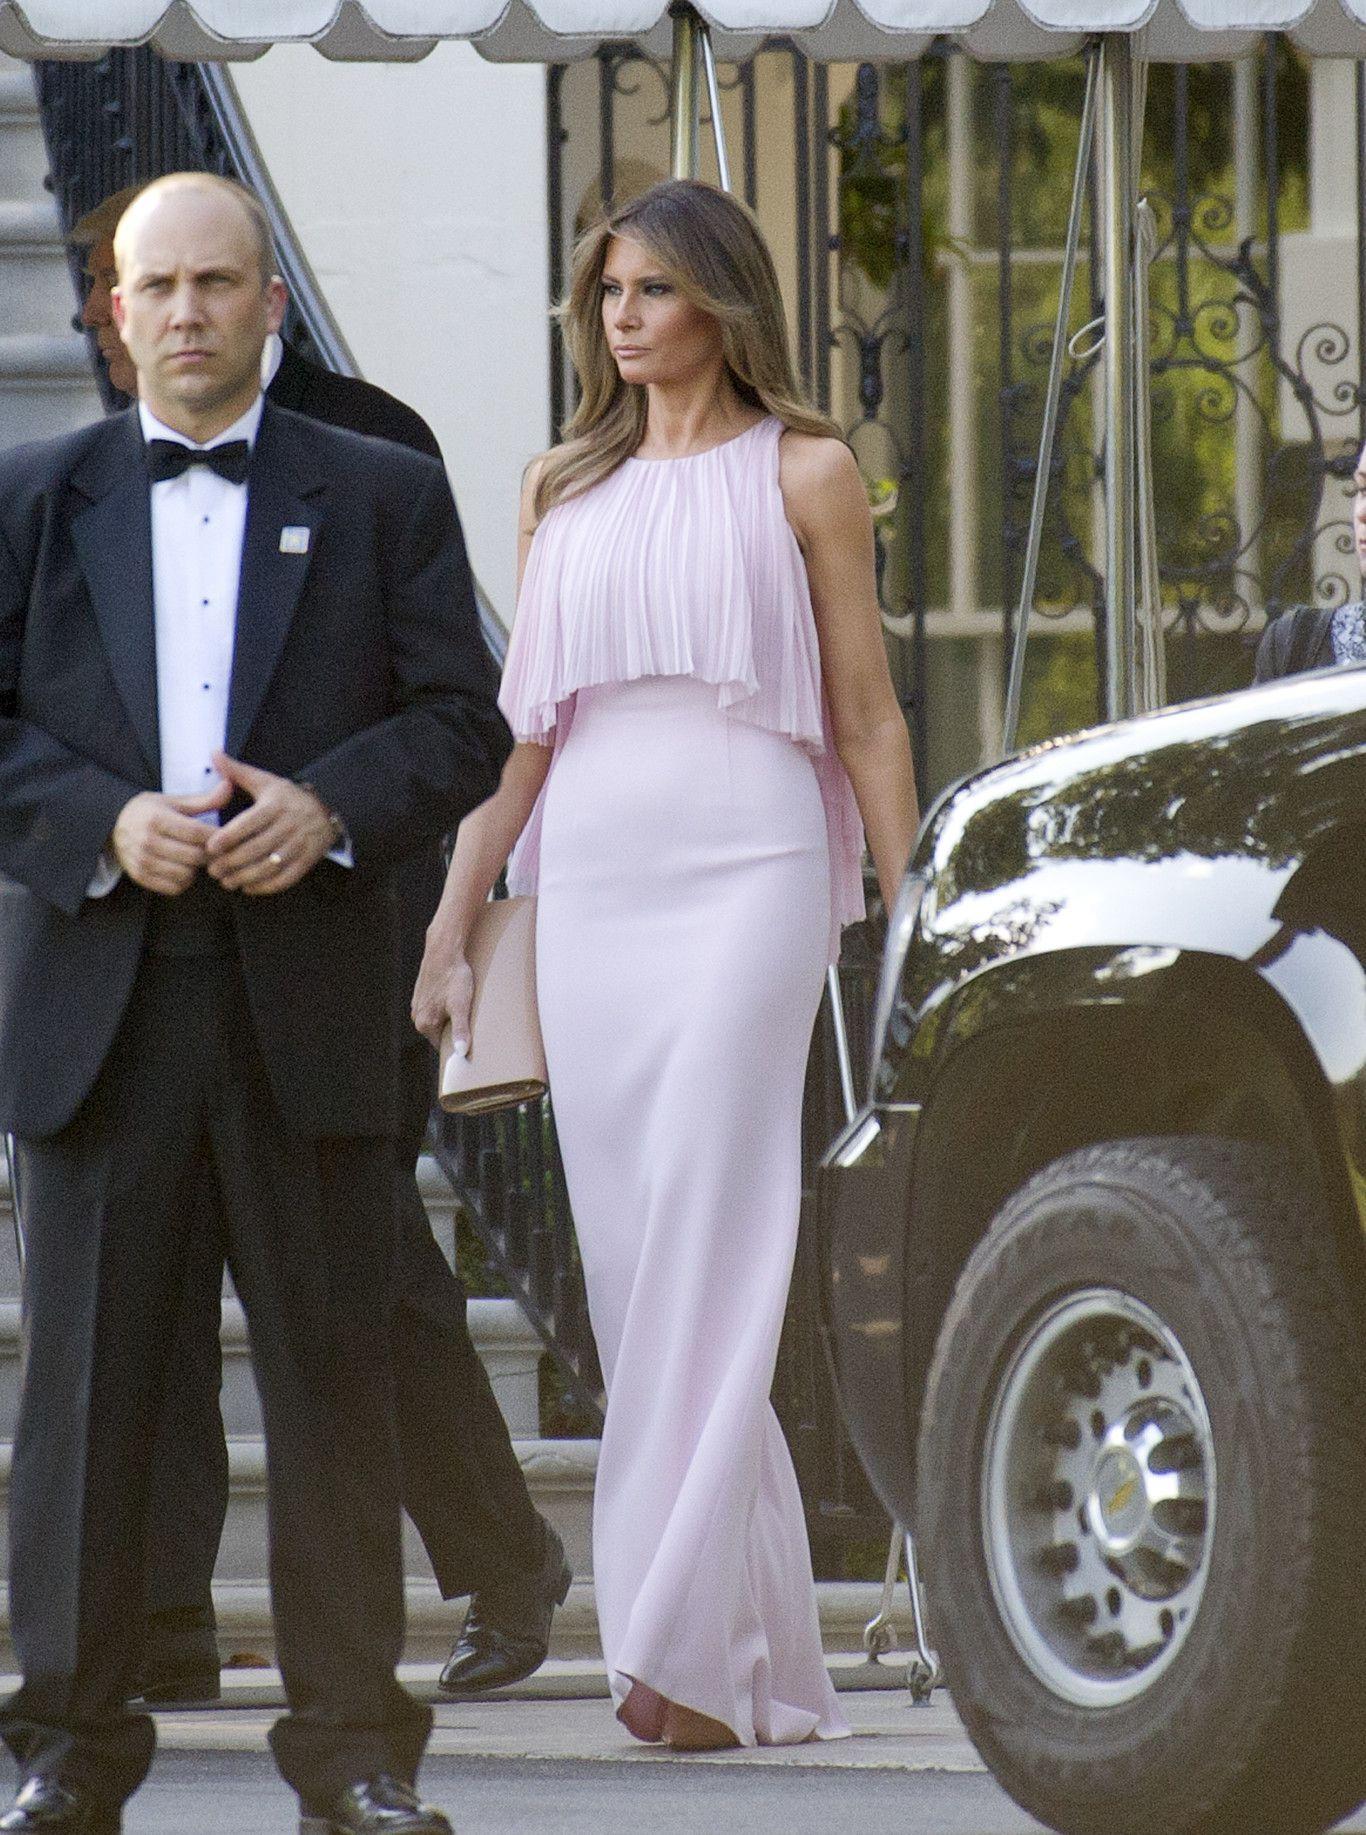 Melania Trump o cómo deslumbrar en una boda con el look de invitada ...